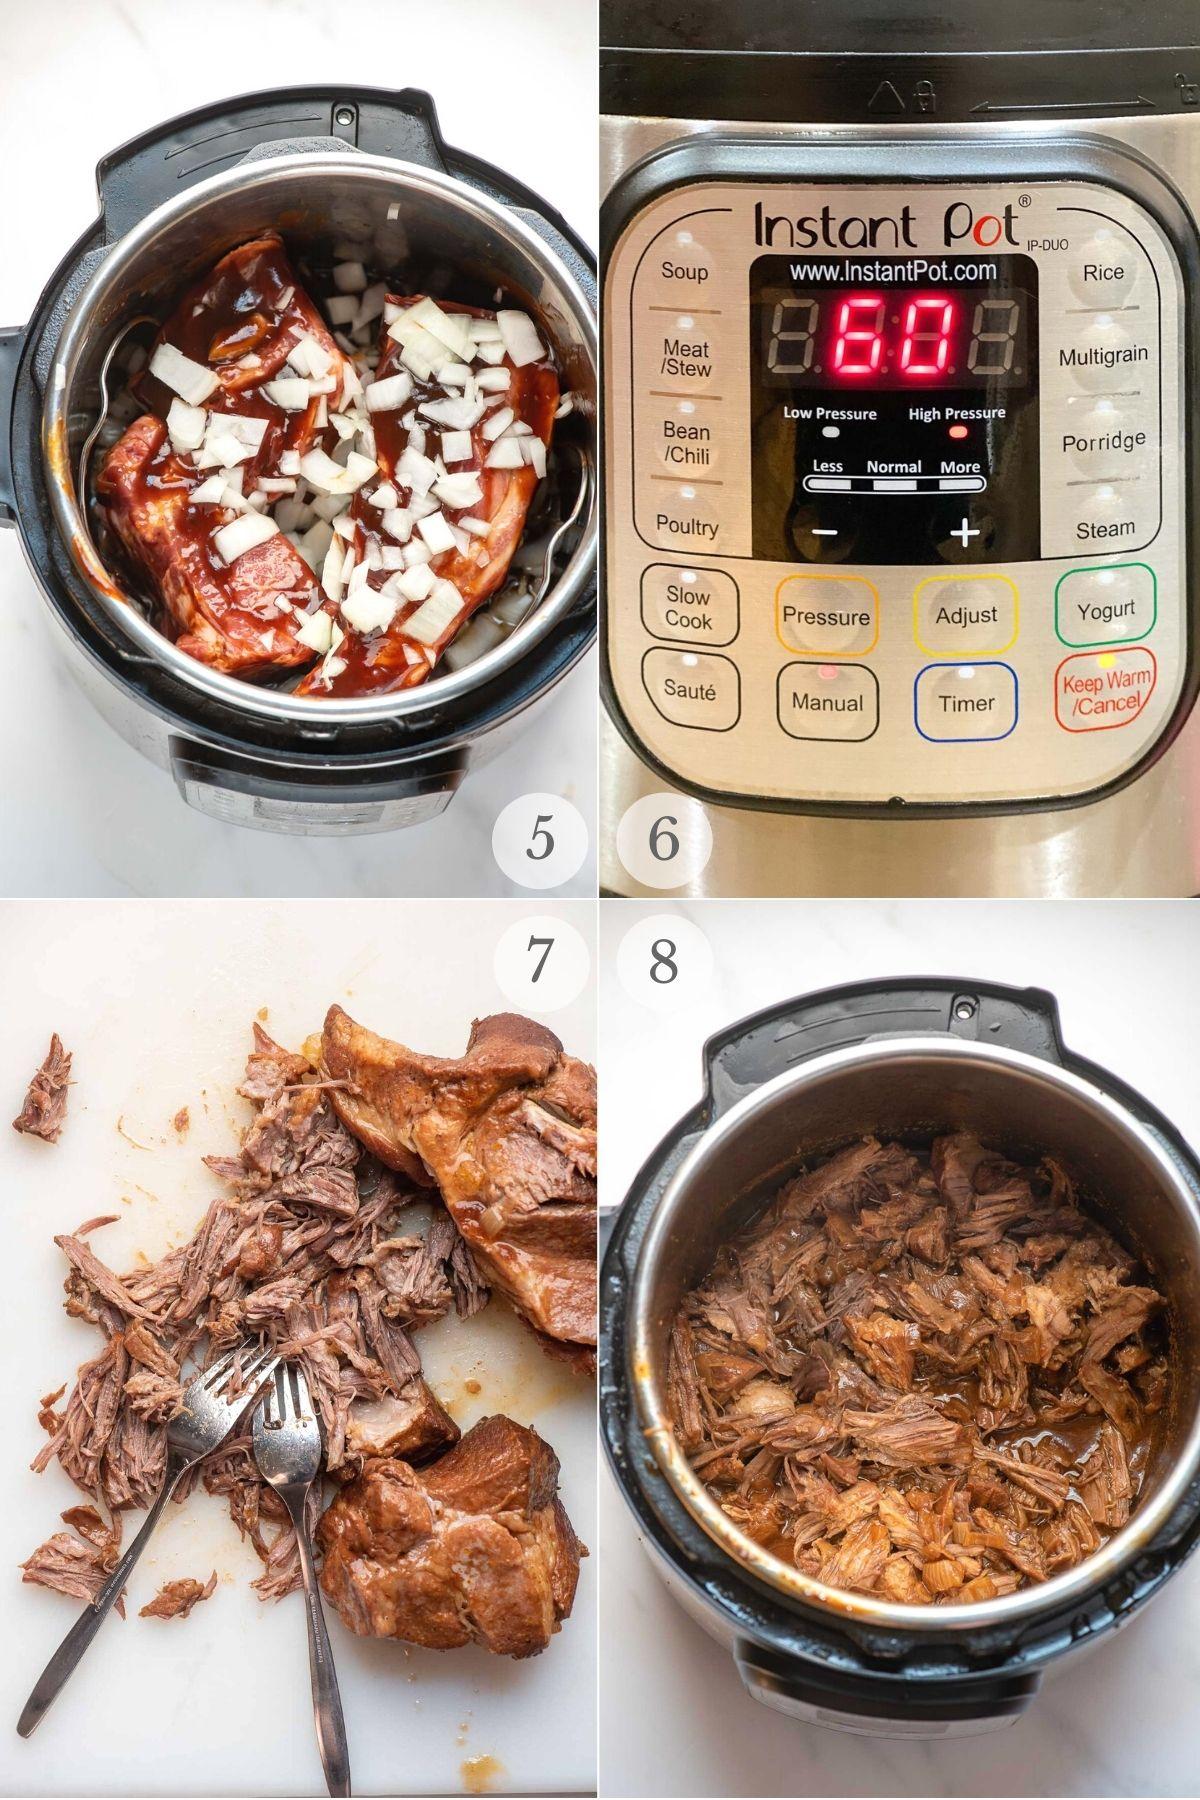 root beer pulled pork recipe steps 5-8